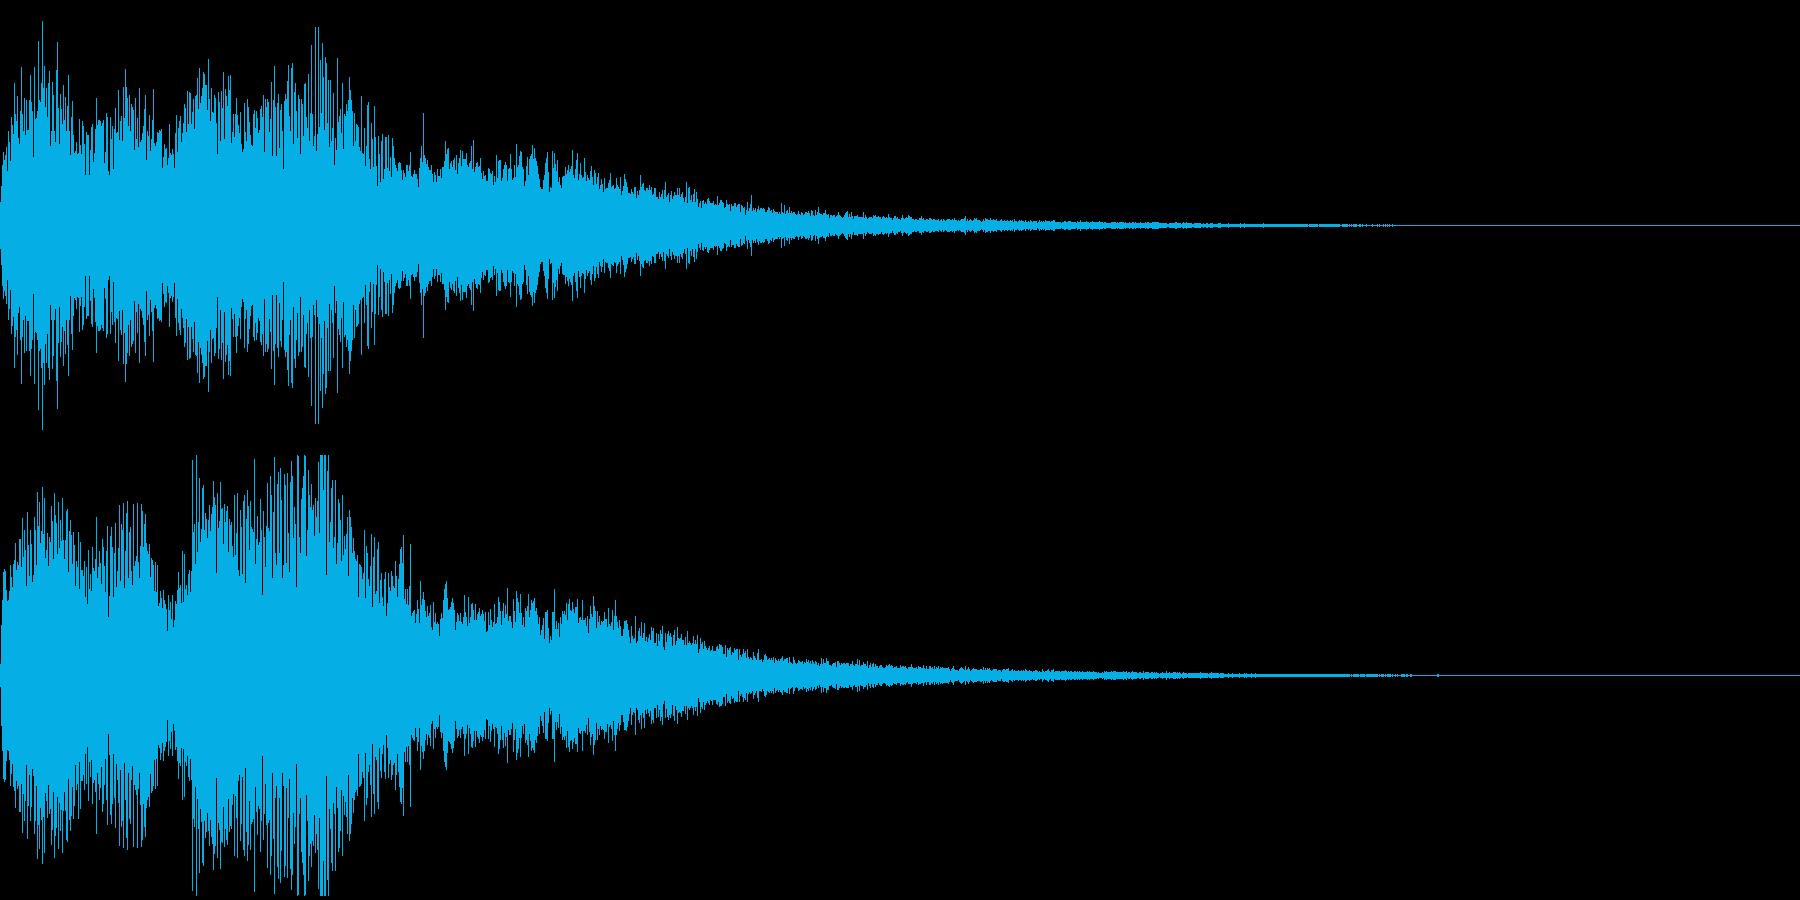 ミッションクリア、壮大なファンファーレの再生済みの波形